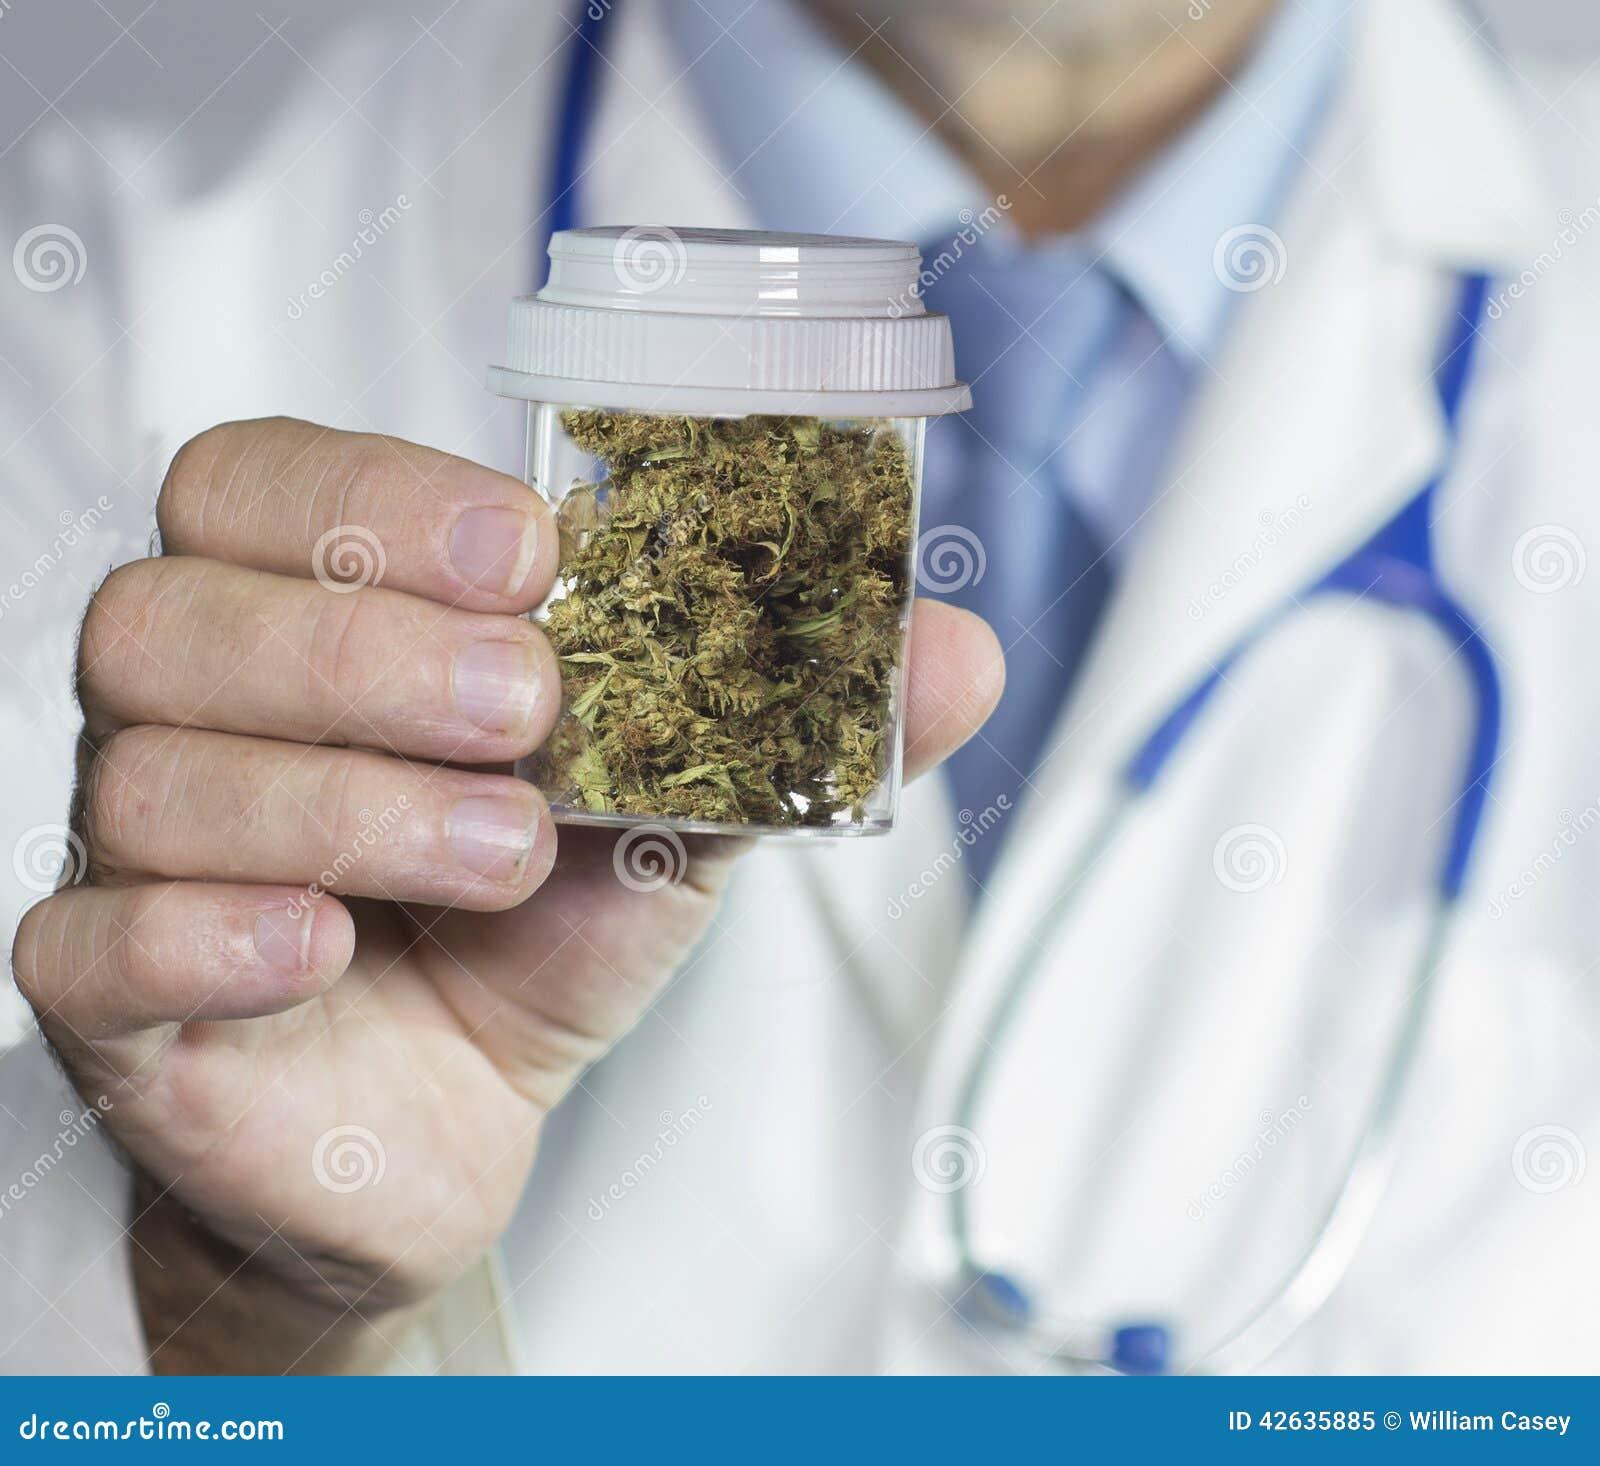 Ιατρική μαριχουάνα από το γιατρό